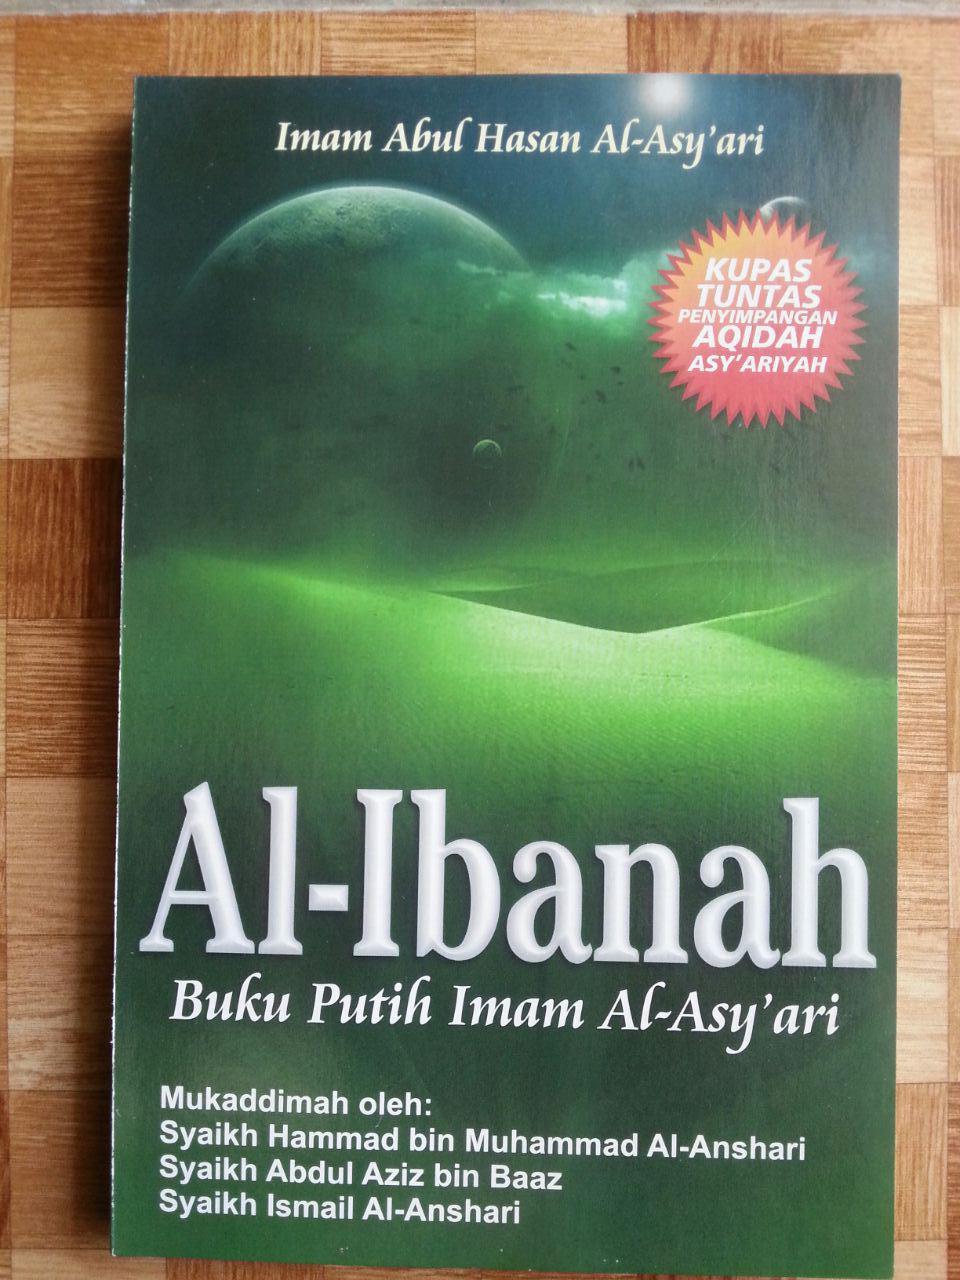 Buku Putih Imam Al-Asy'ari Al-Ibanah cover 2